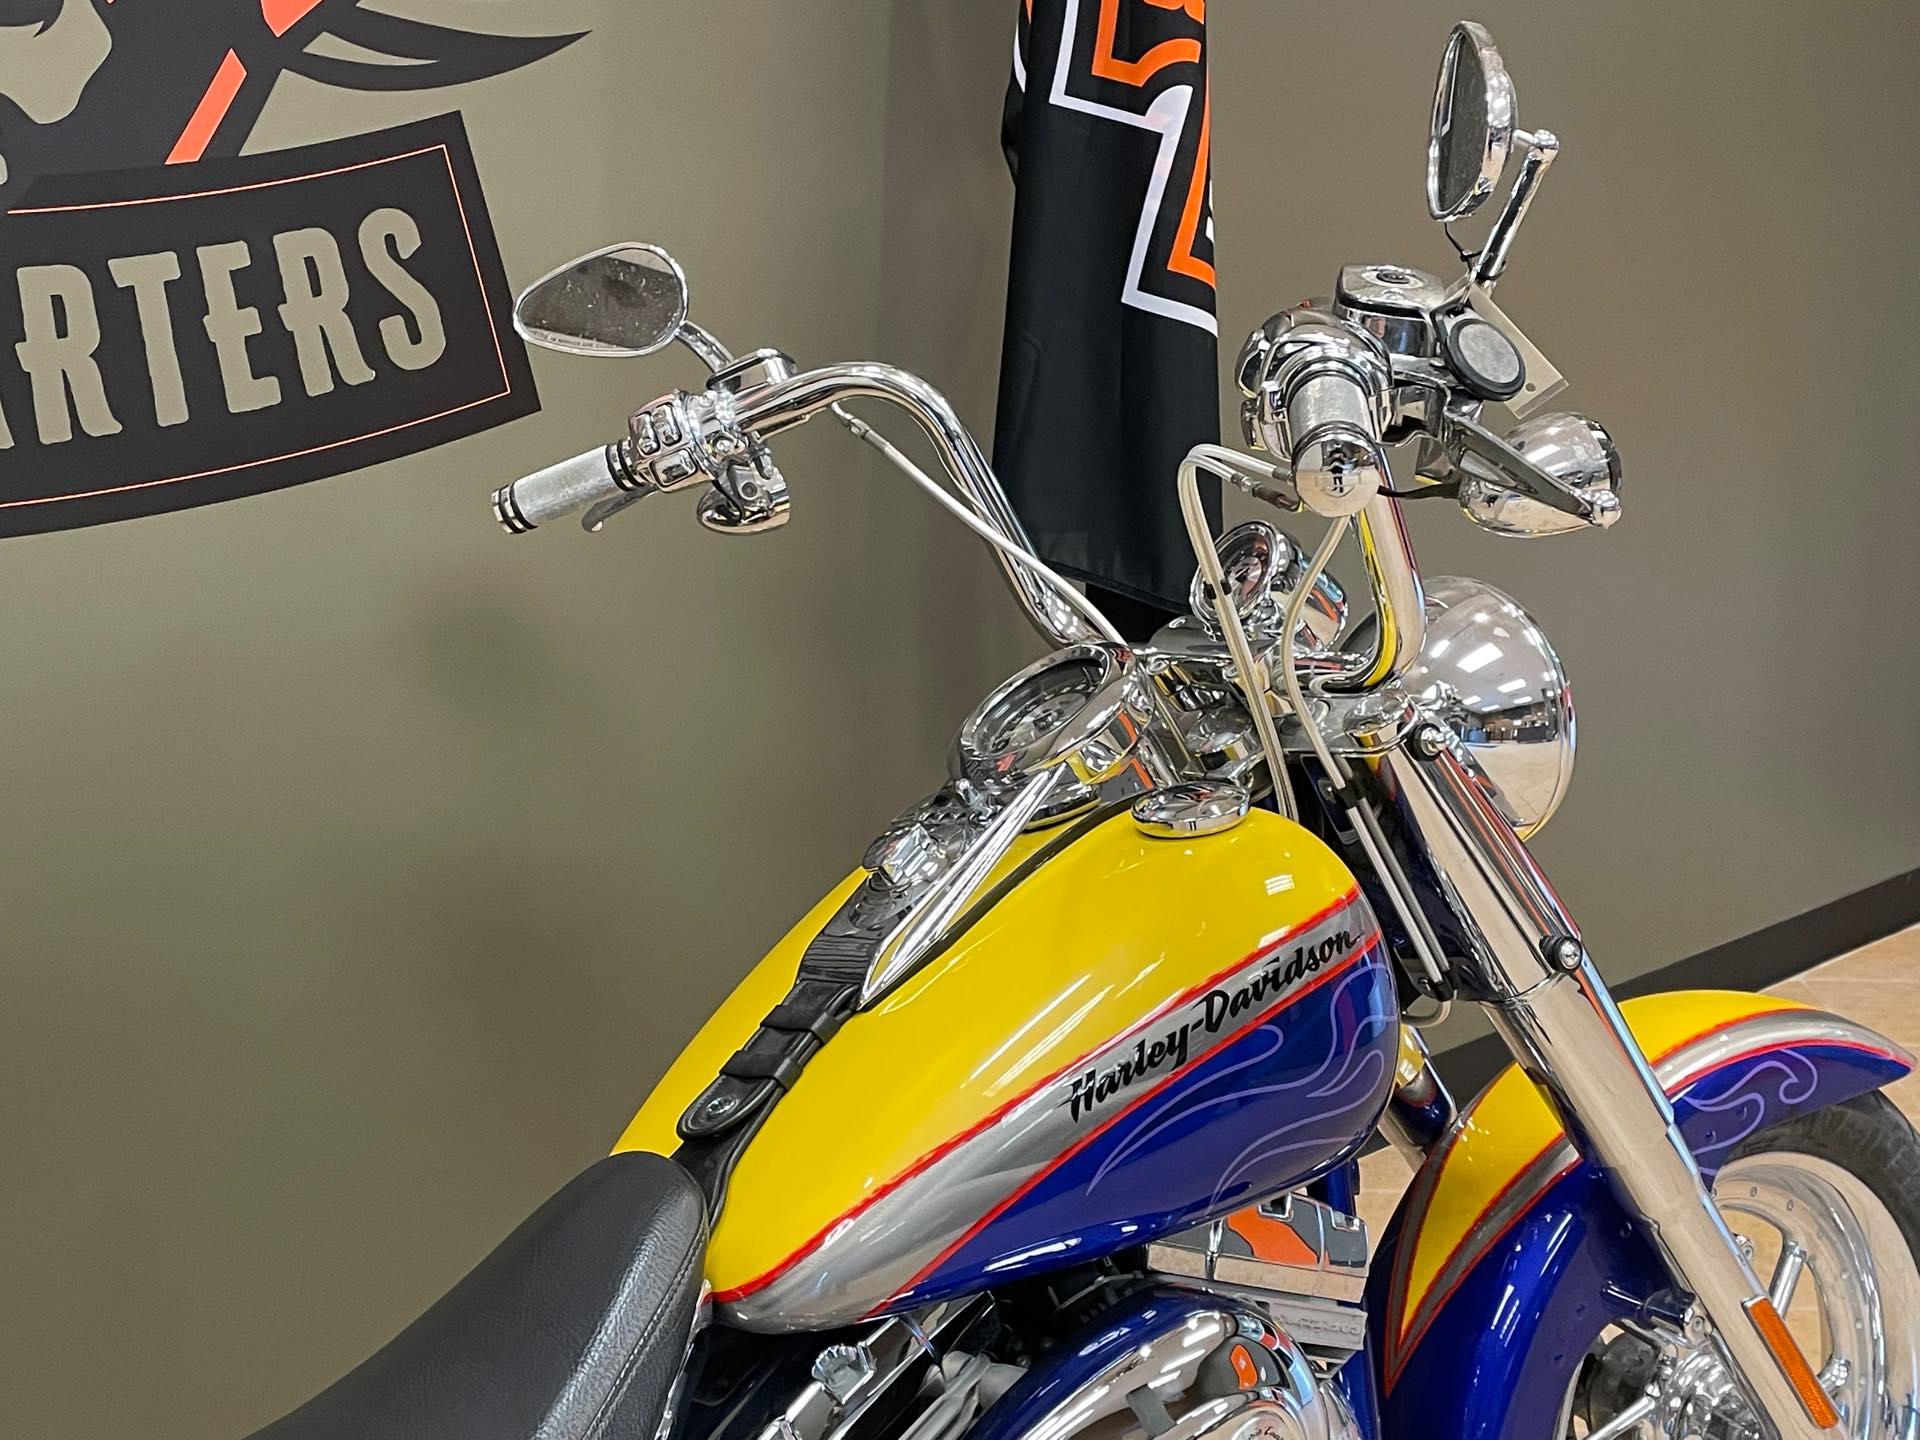 2006 HARLEY-DAVIDSON FLSTFSE at Loess Hills Harley-Davidson